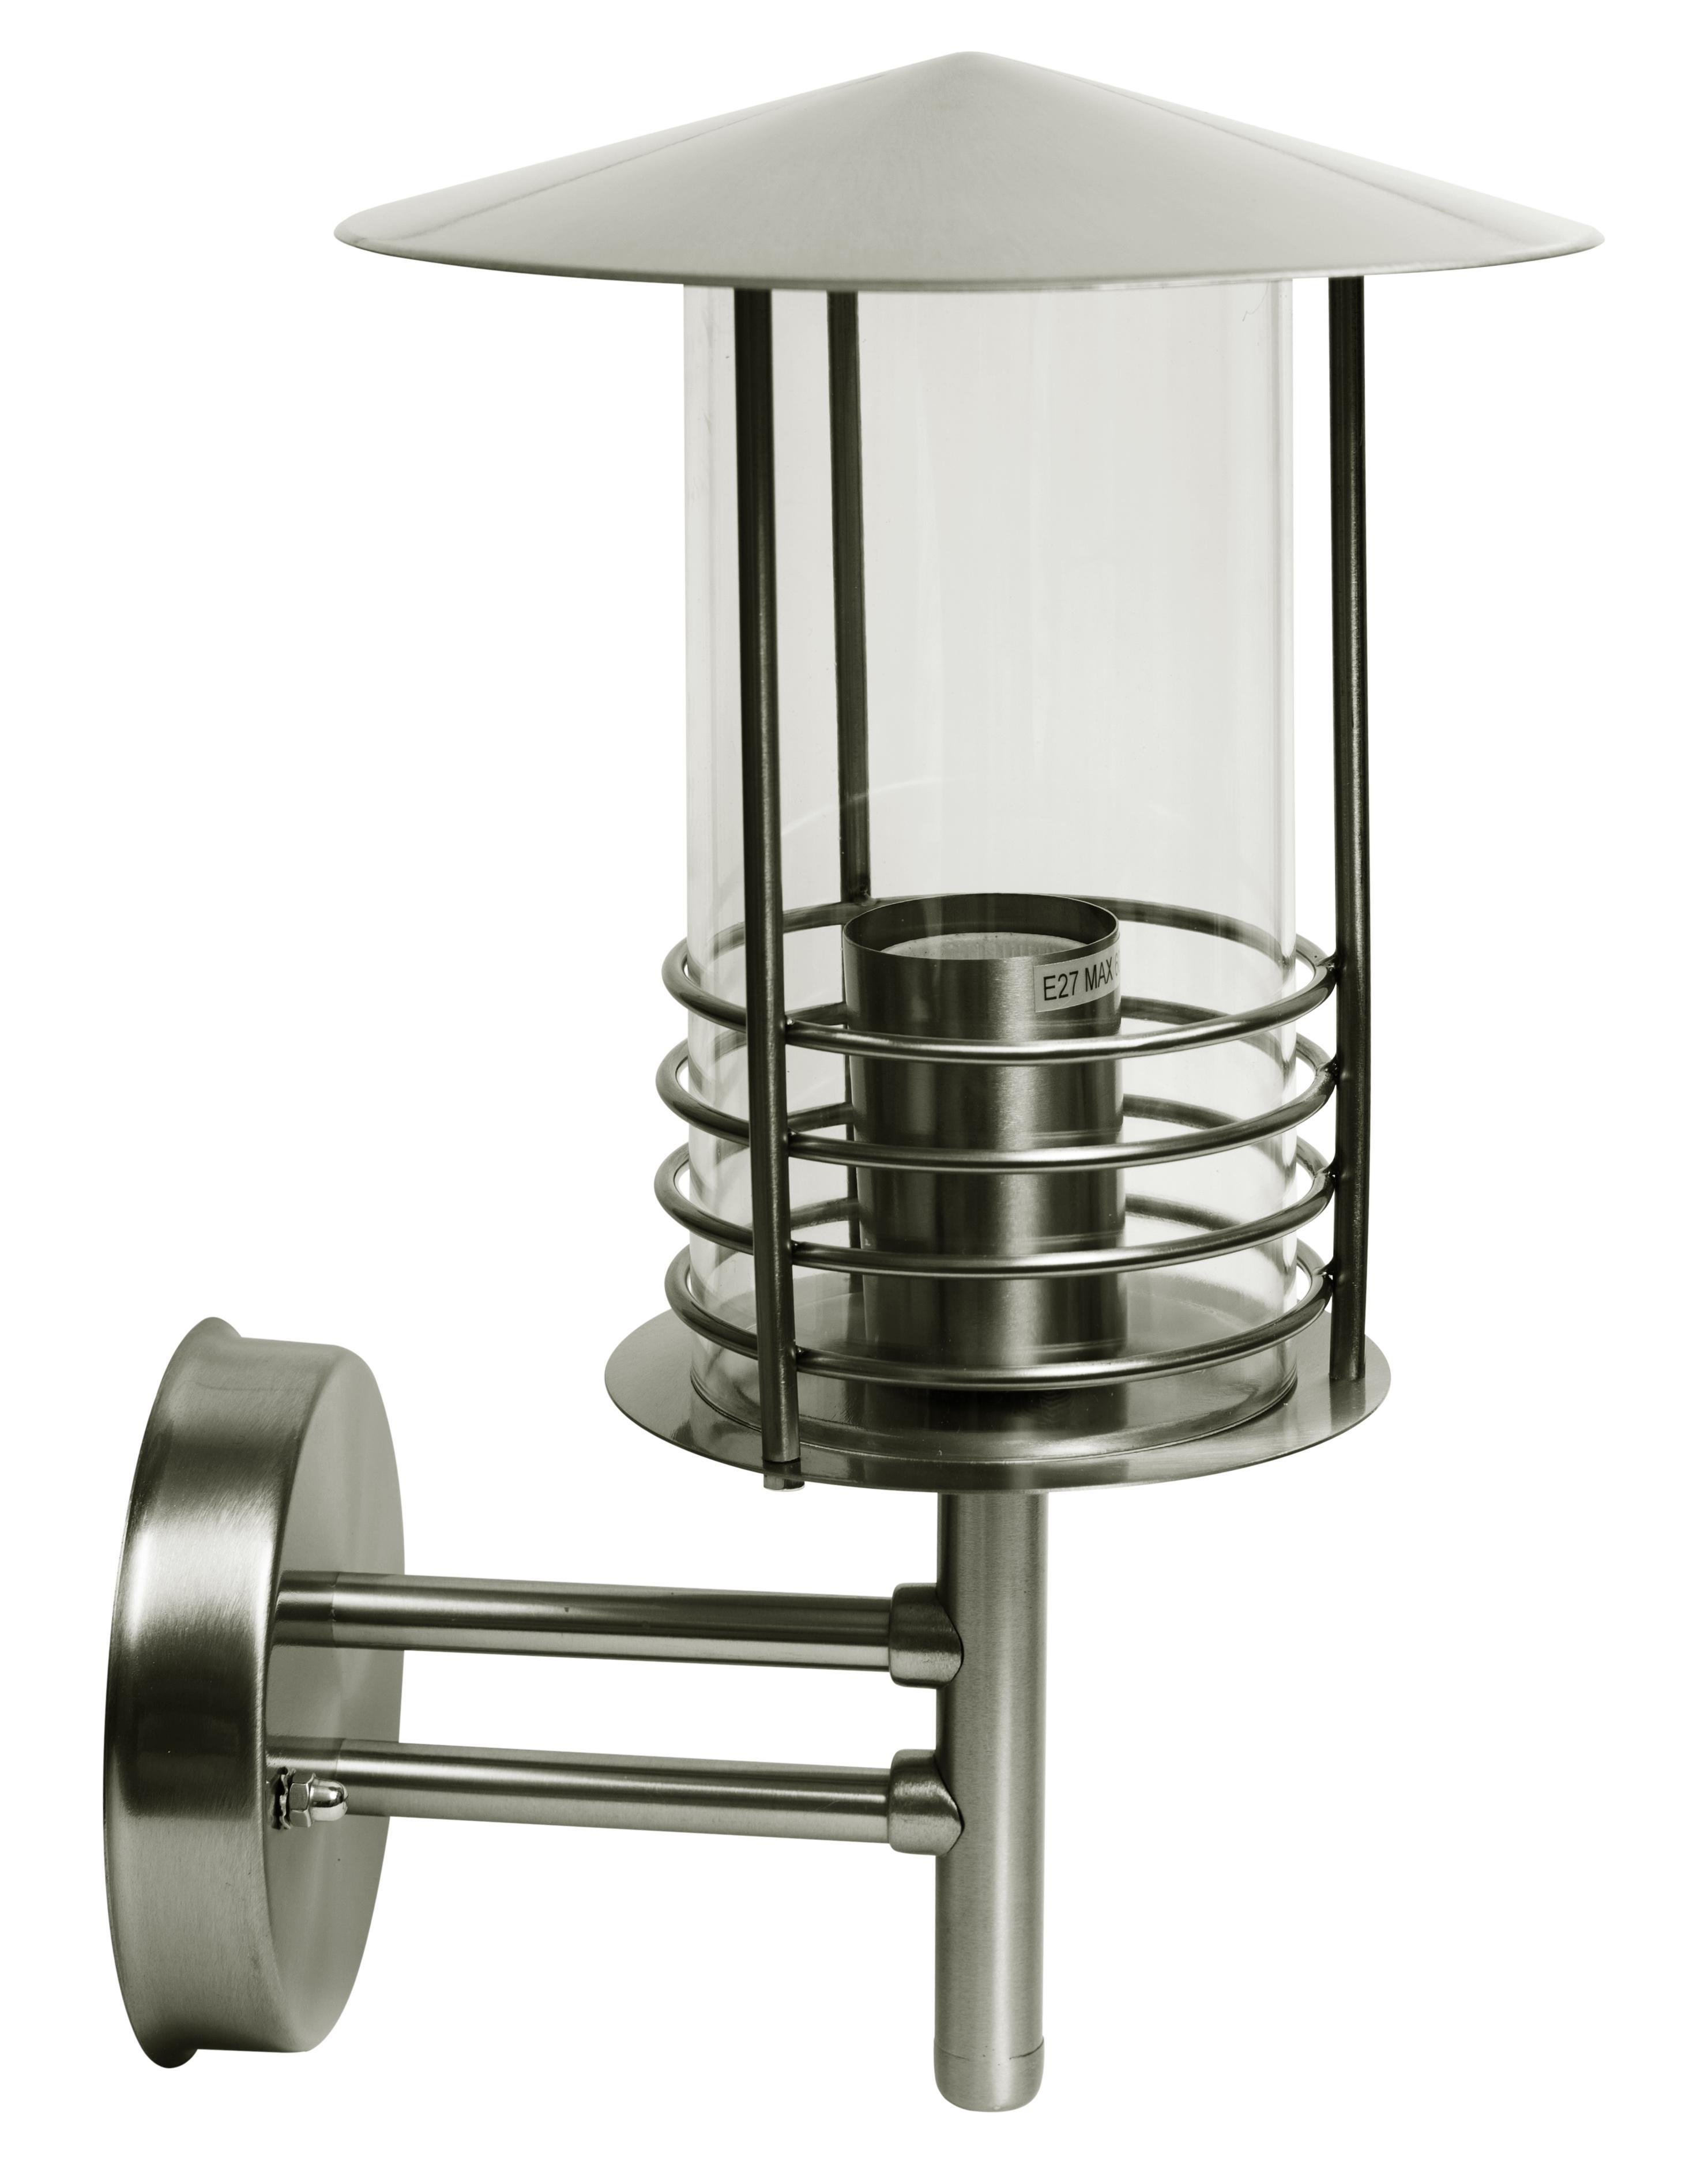 Светильник De fran Gpl-025up, уличный, нержавеющая сталь плафон-прозрачный рс цена